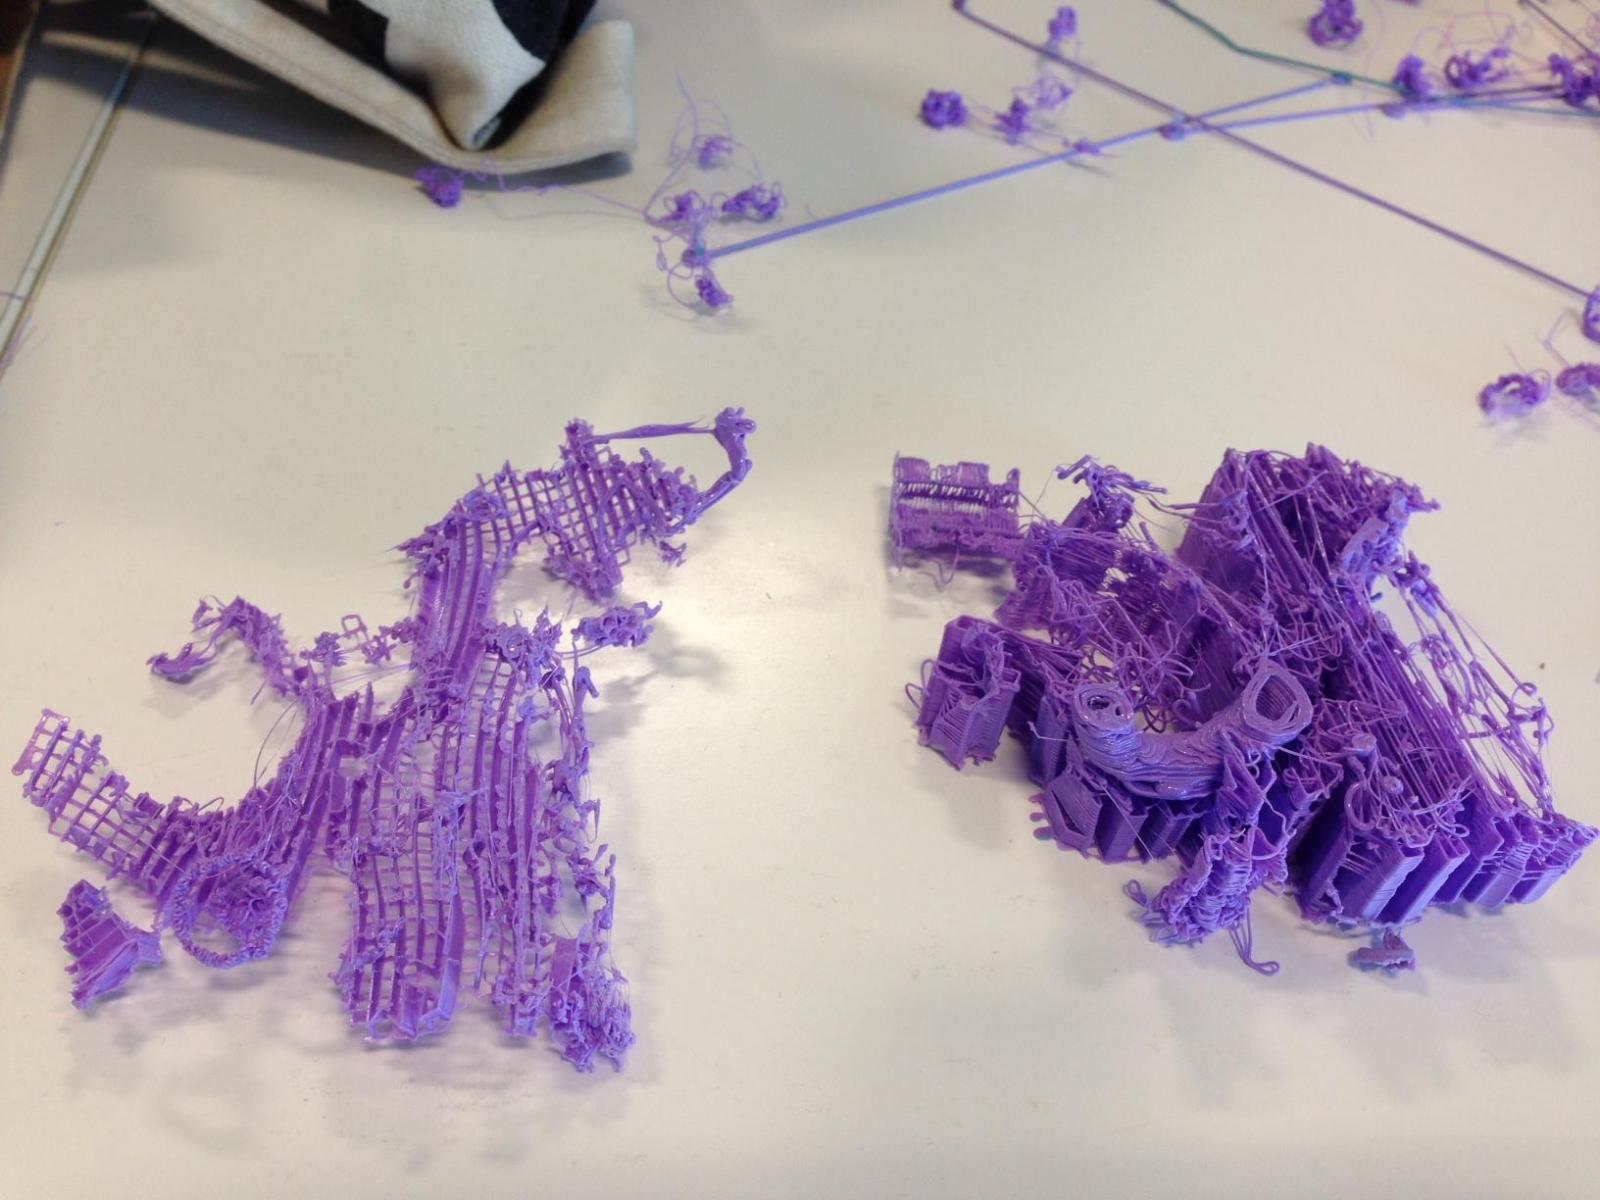 3D printer fail: A dragon